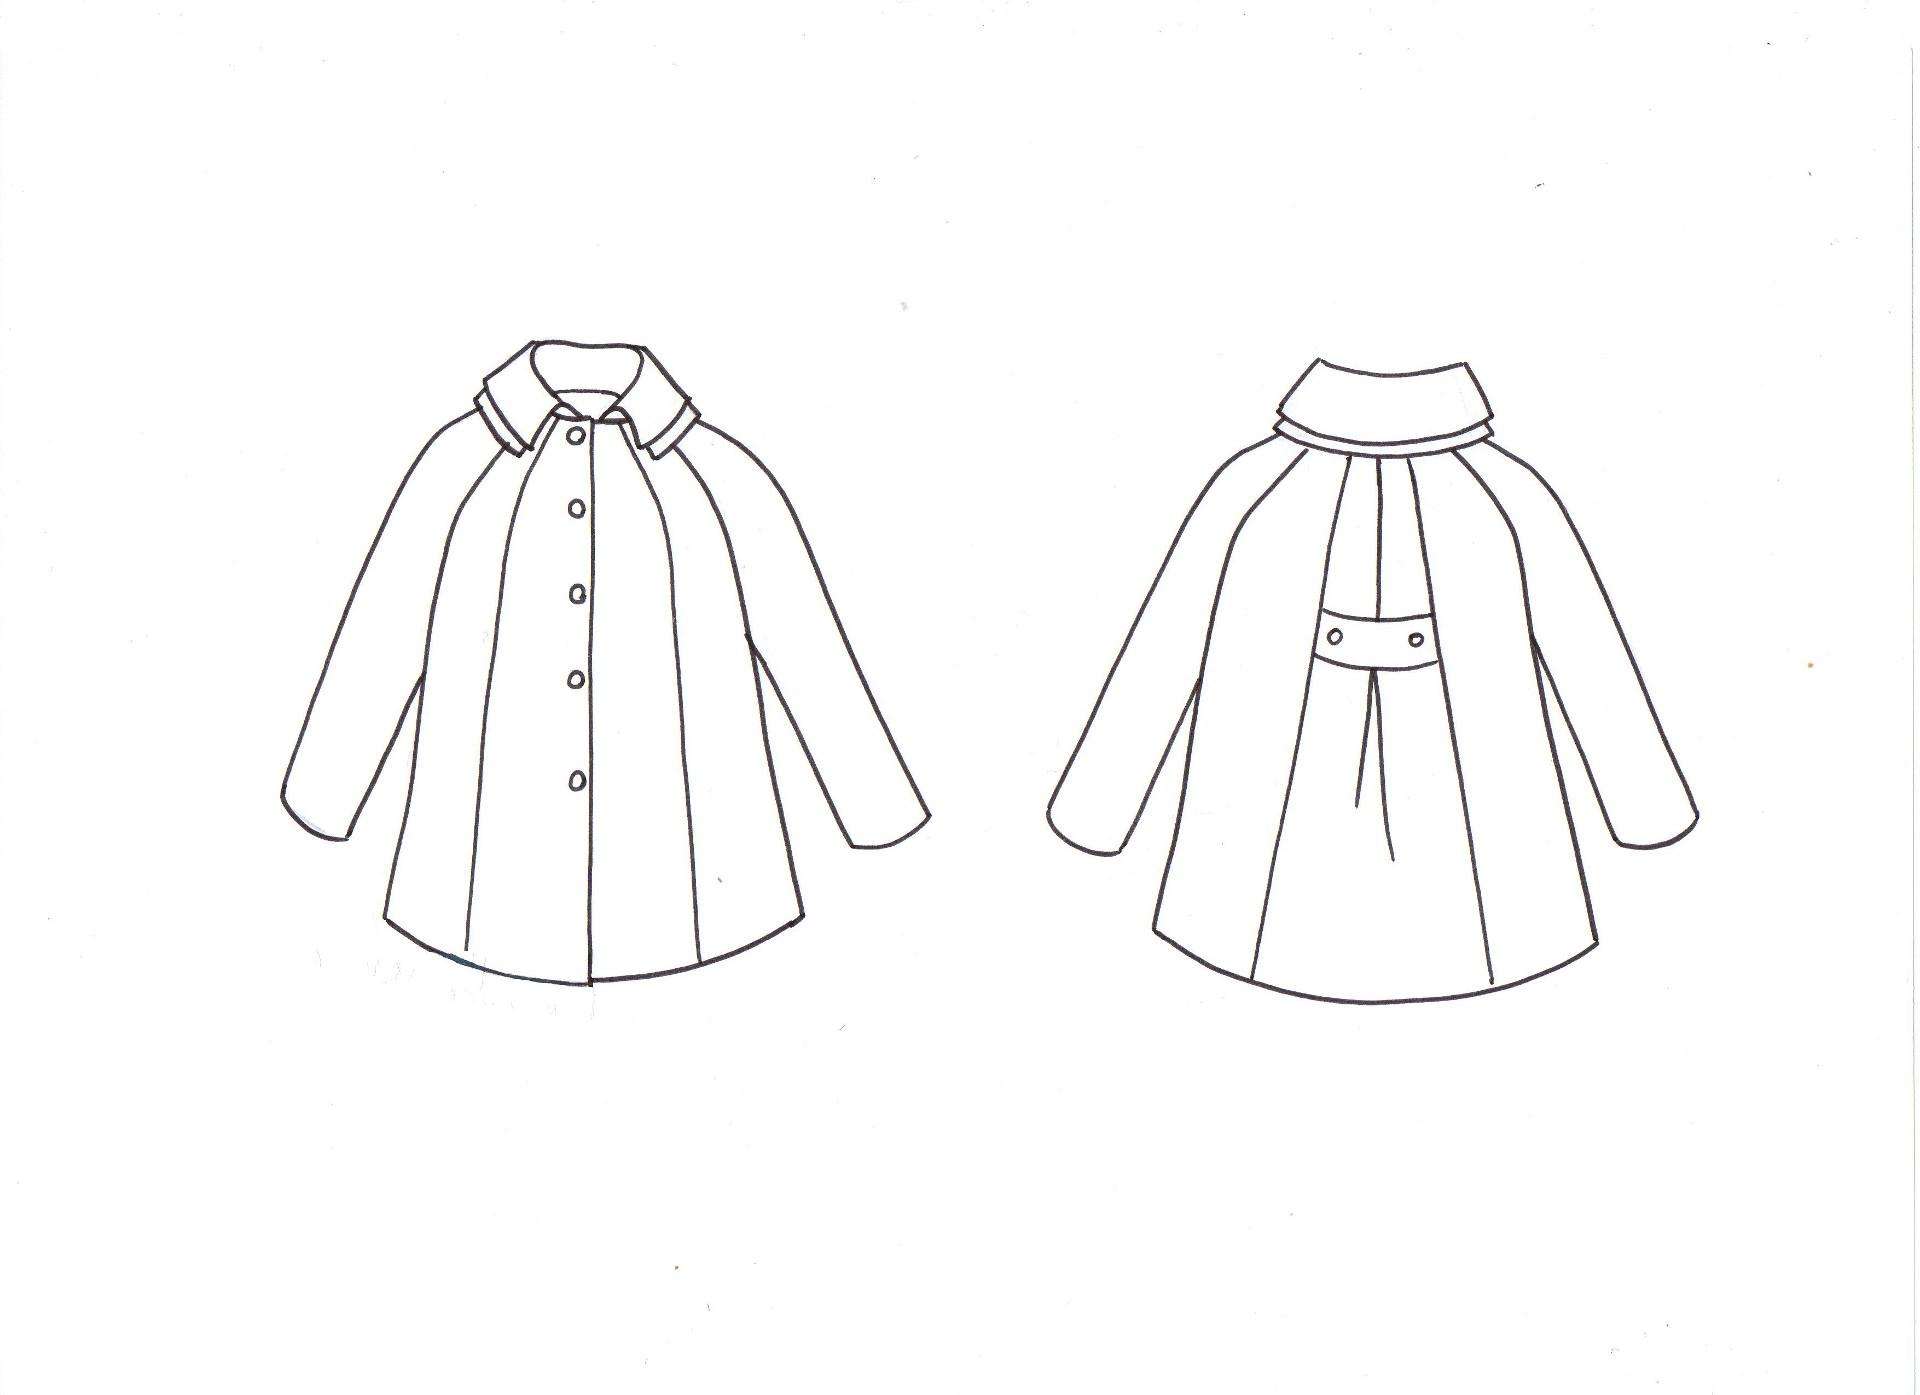 Ivanne s patron de couture aigue marine manteau trench - Dessin de manteau ...